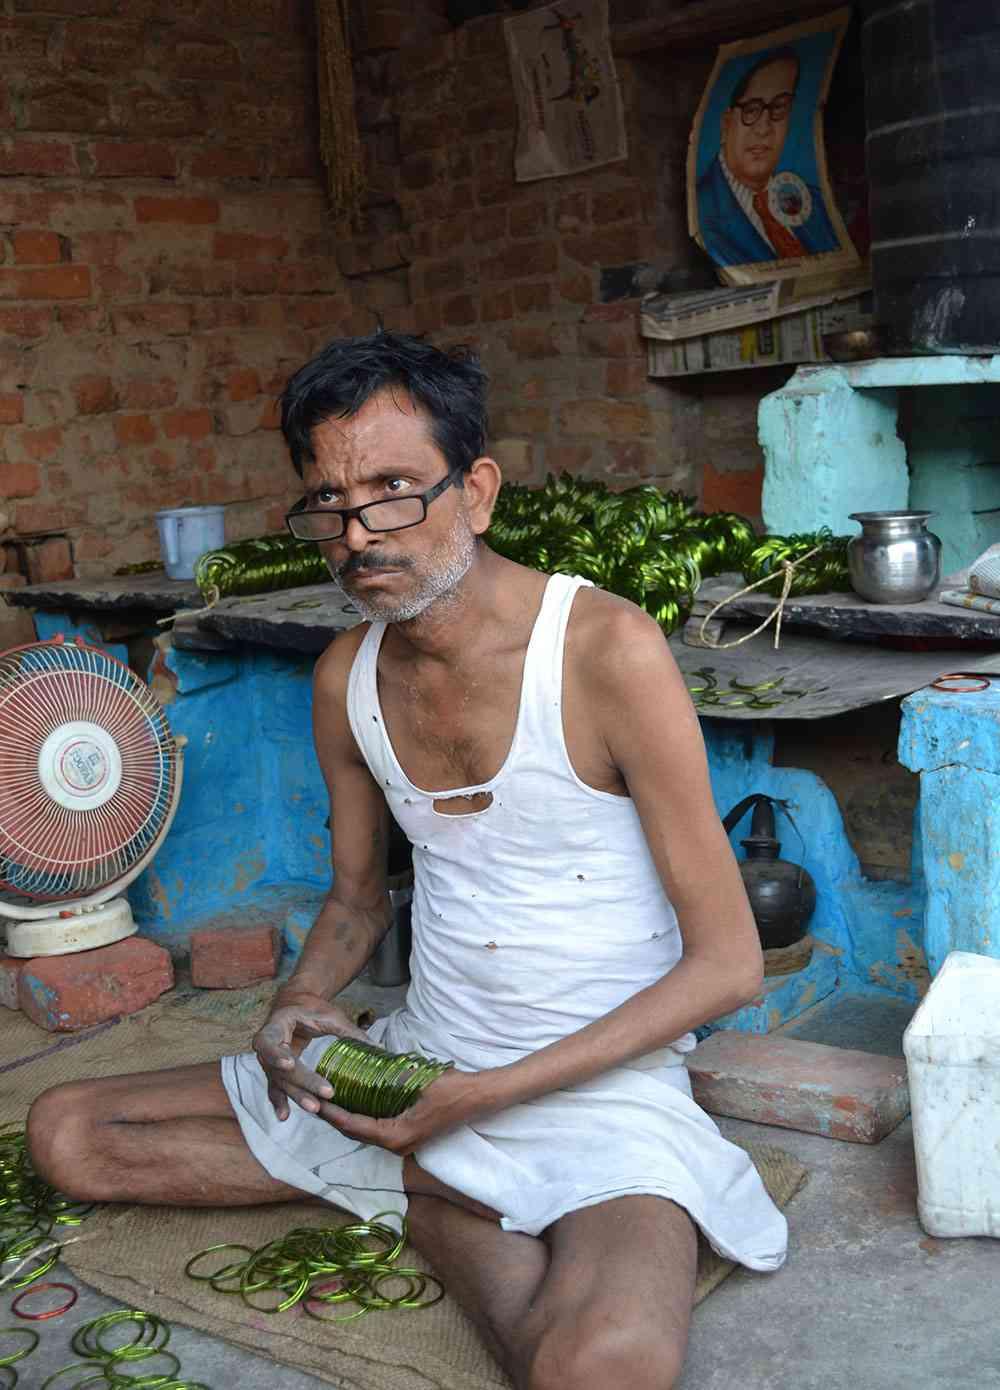 Vinod Kumar Gautam in Bhim Nagar, Firozabad. Photo credit: Akash Bisht